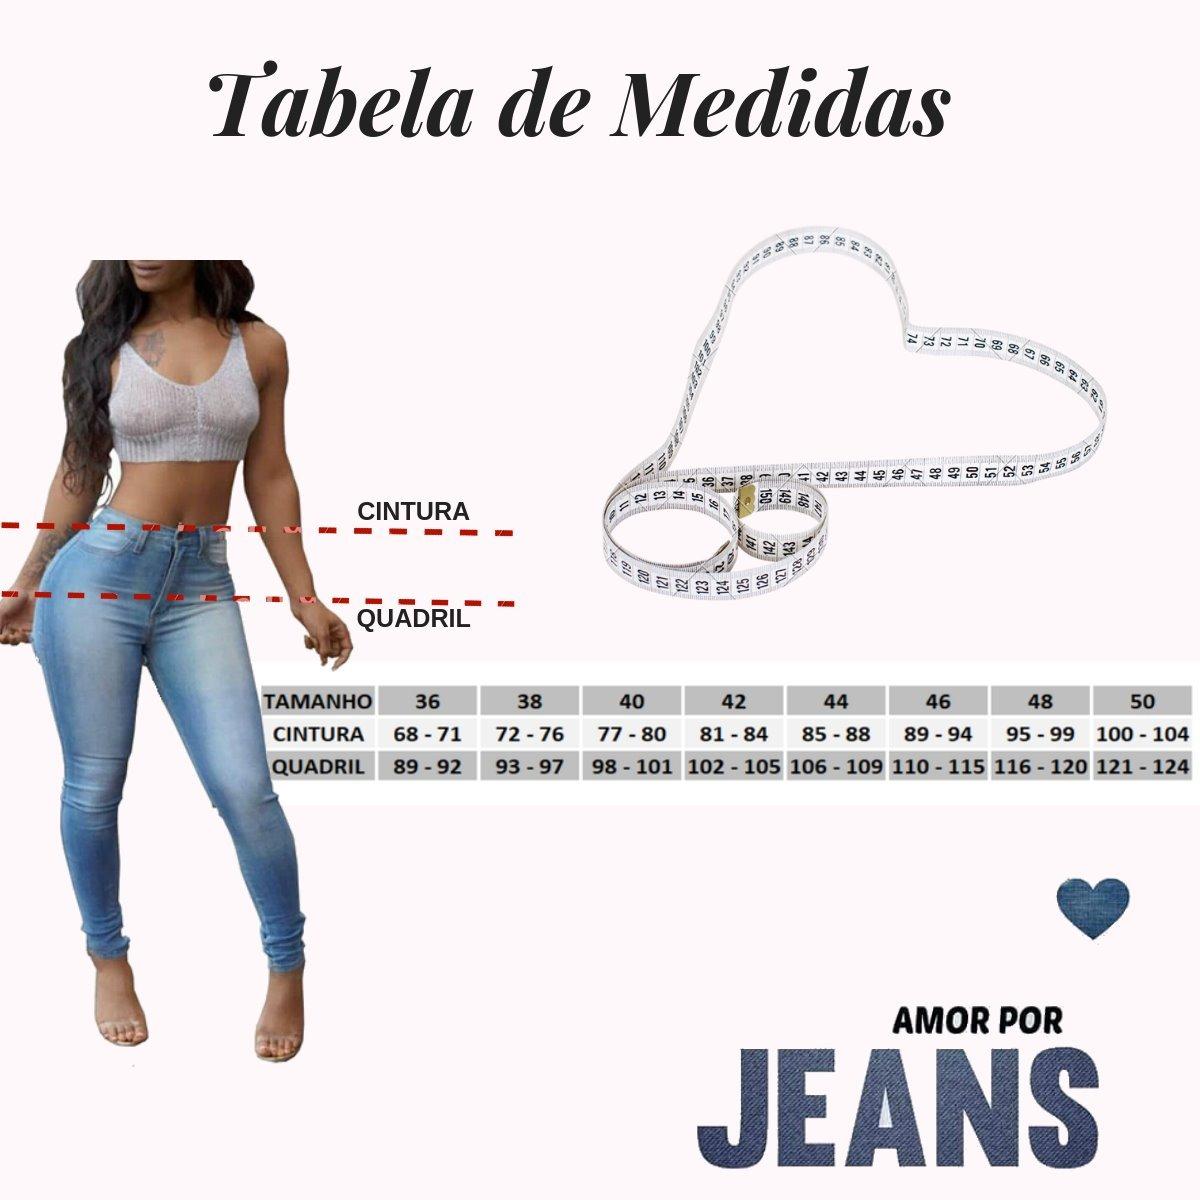 3b3dcb76ec Calça Jeans Feminina Levanta Bumbum Cintura Alta Lycra Dins - R  90 ...